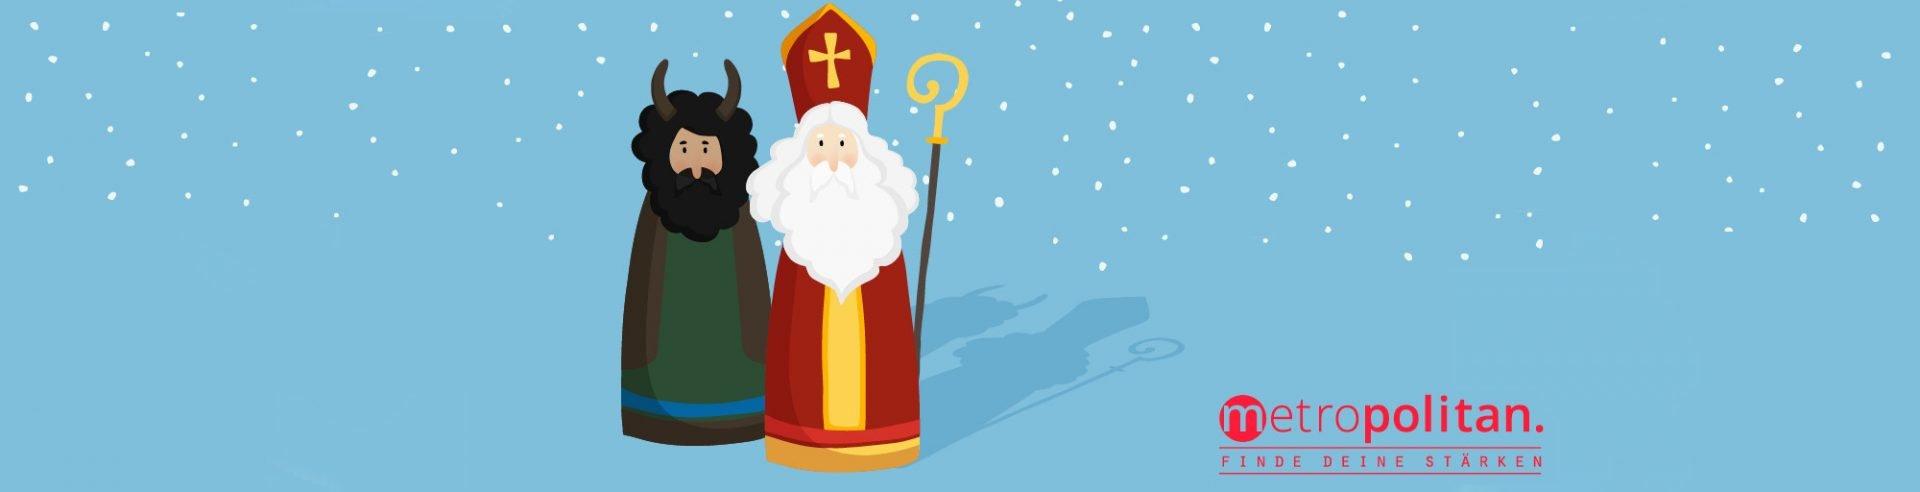 Der Nikolaus für metropolitan im Einsatz